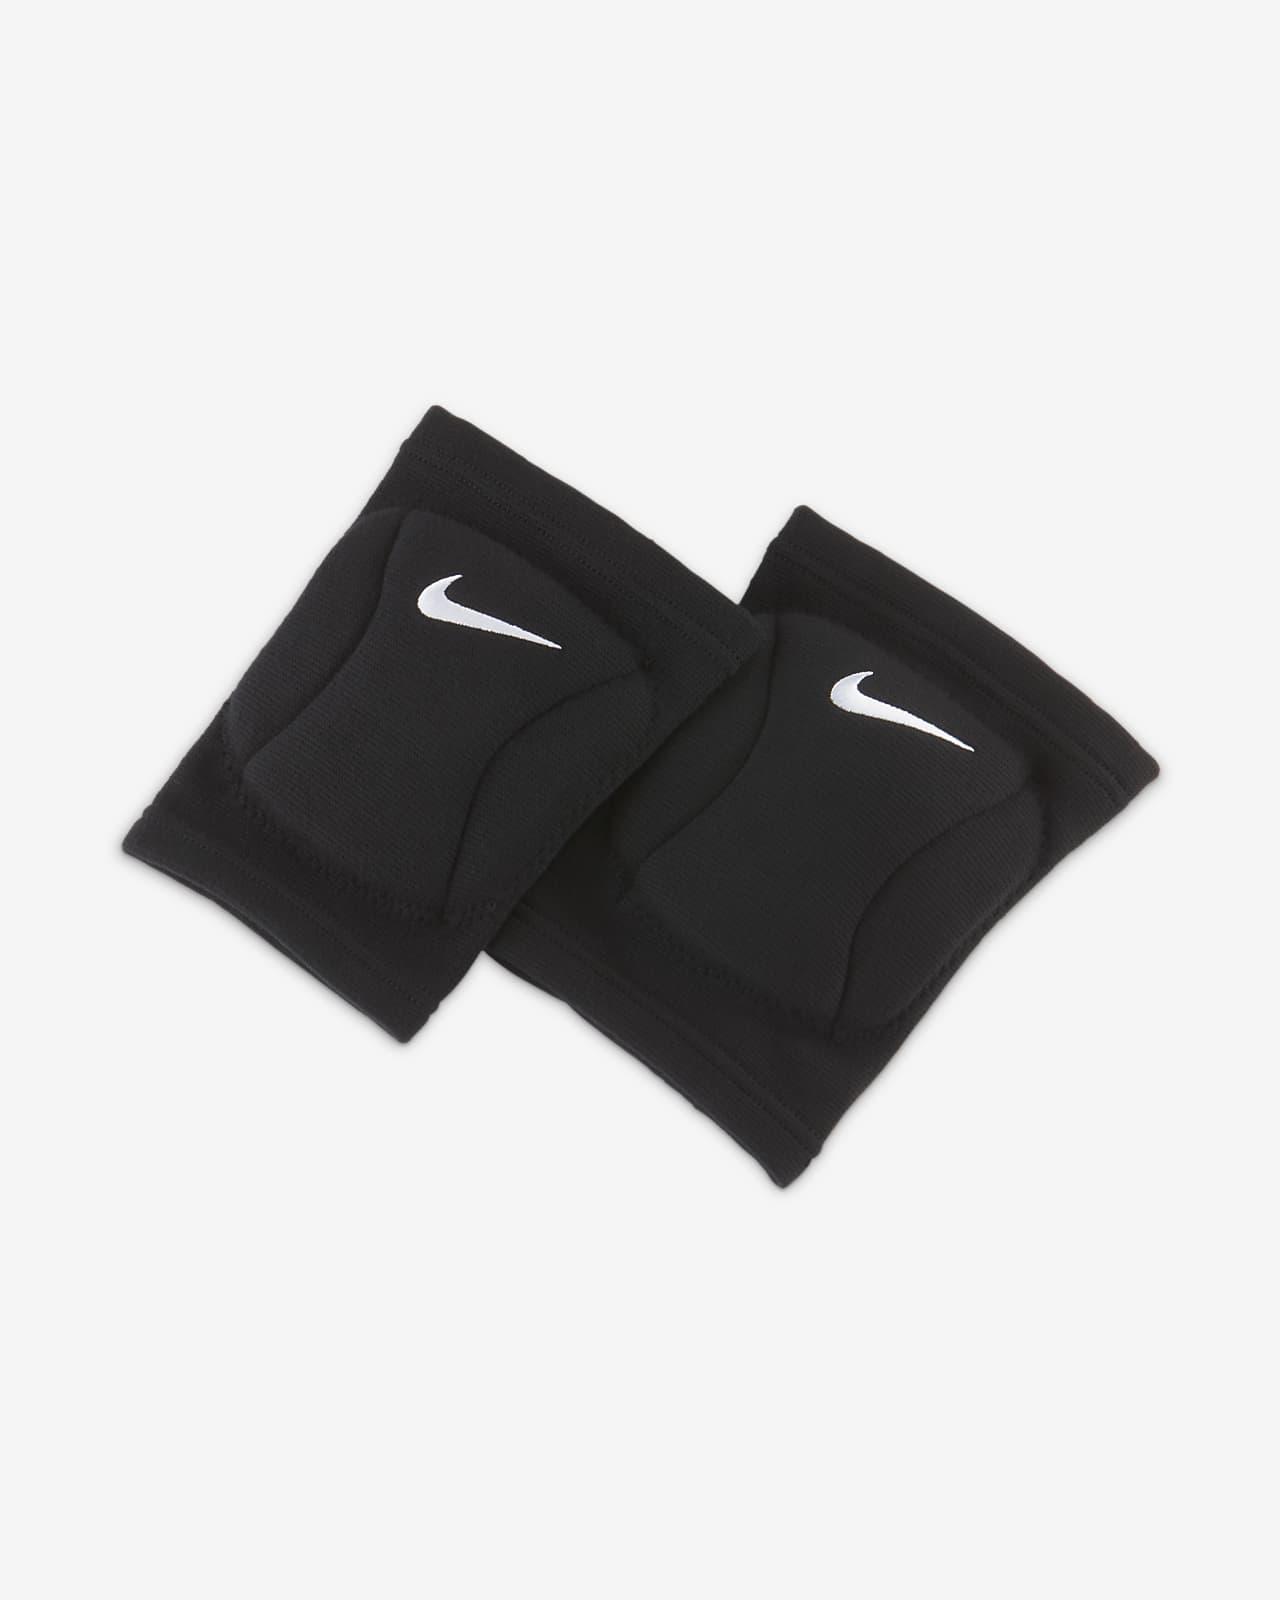 Joelheiras de voleibol Nike Streak